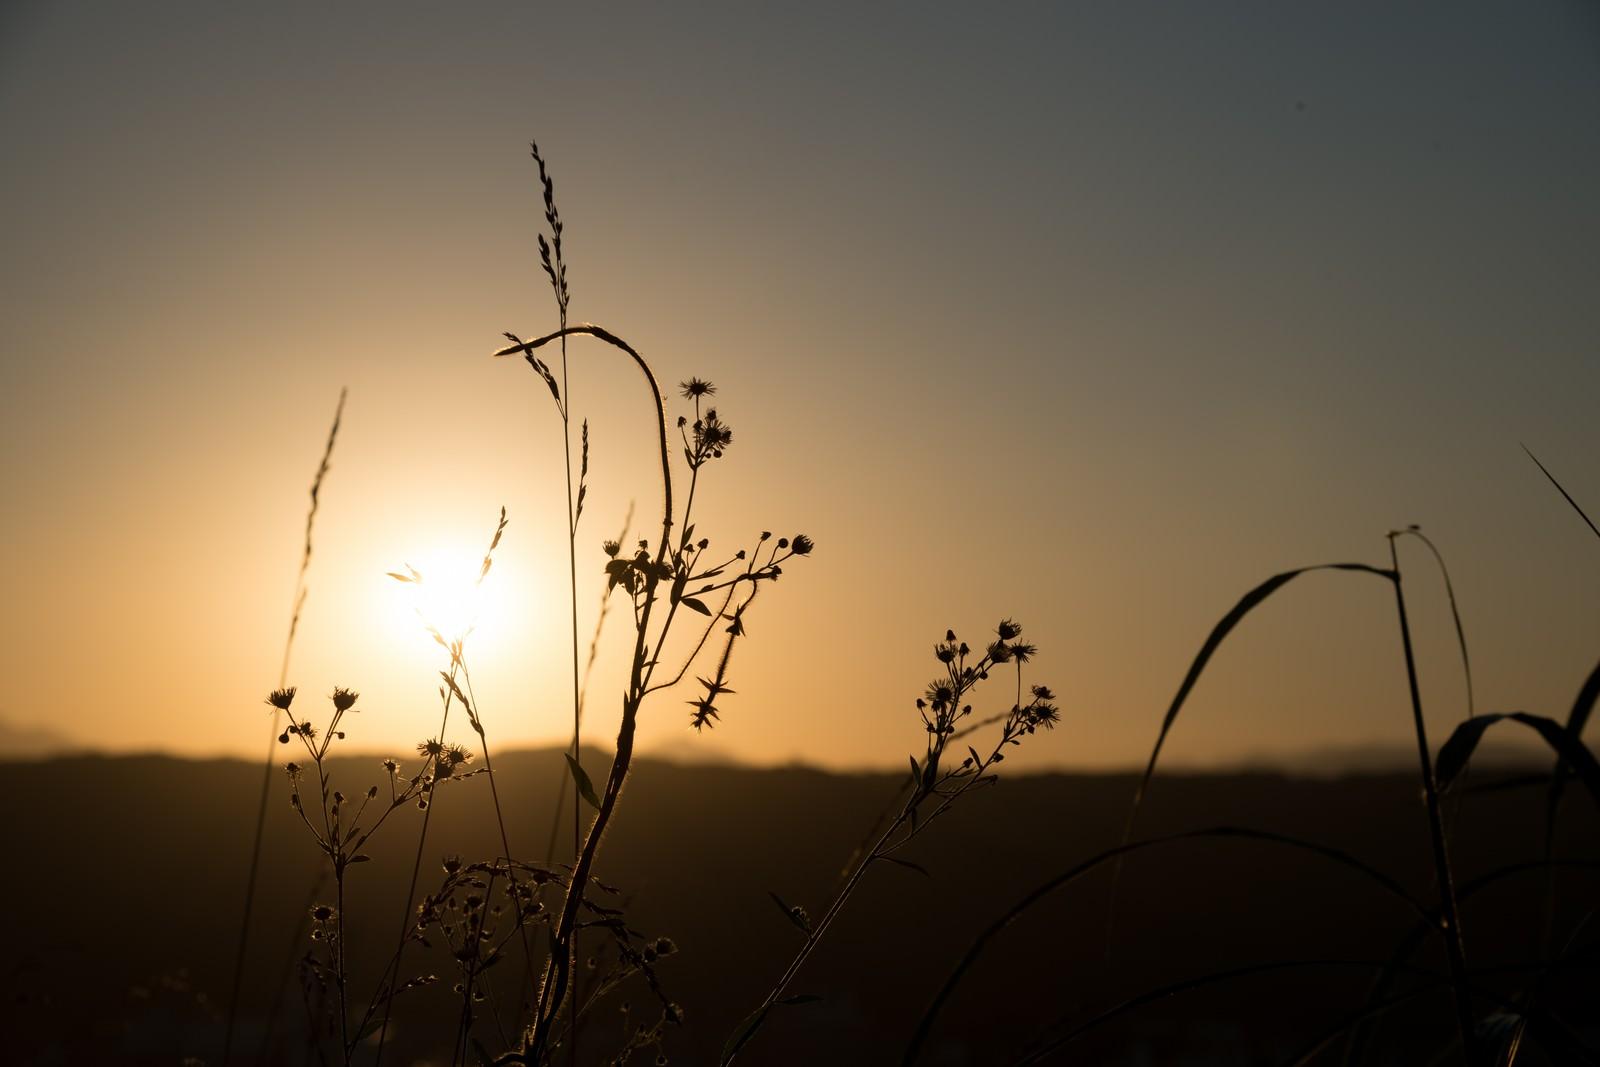 「夕陽に照らされた草夕陽に照らされた草」のフリー写真素材を拡大